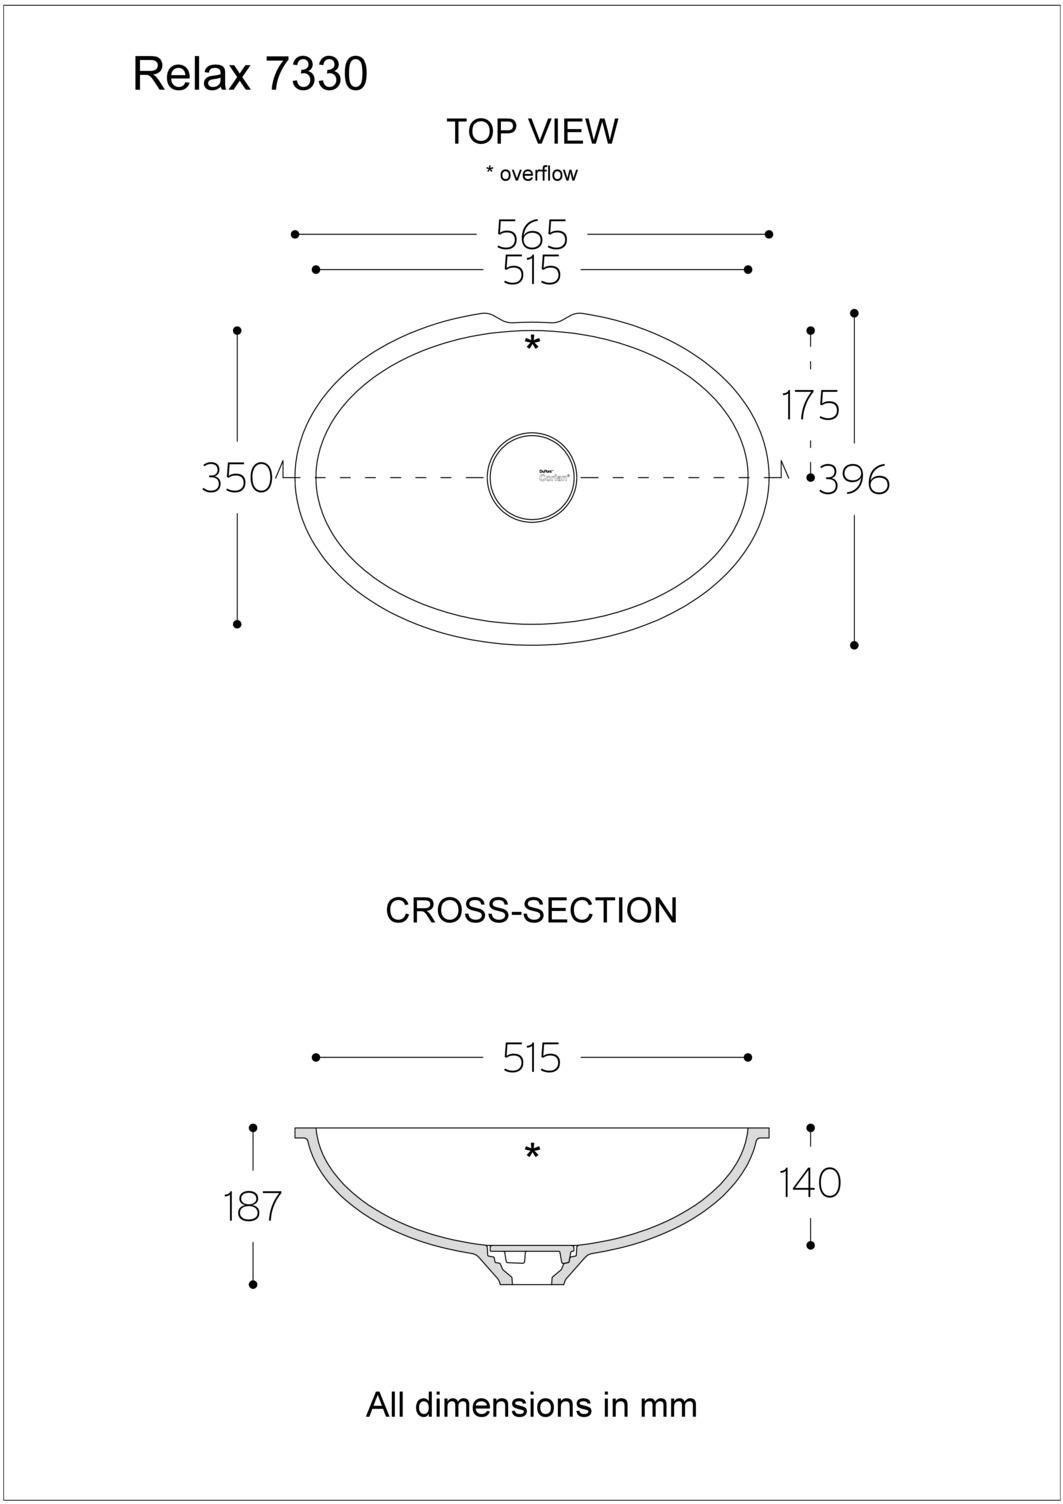 DUPONT_CORIAN_RELAX7330_2D_PDF[0]